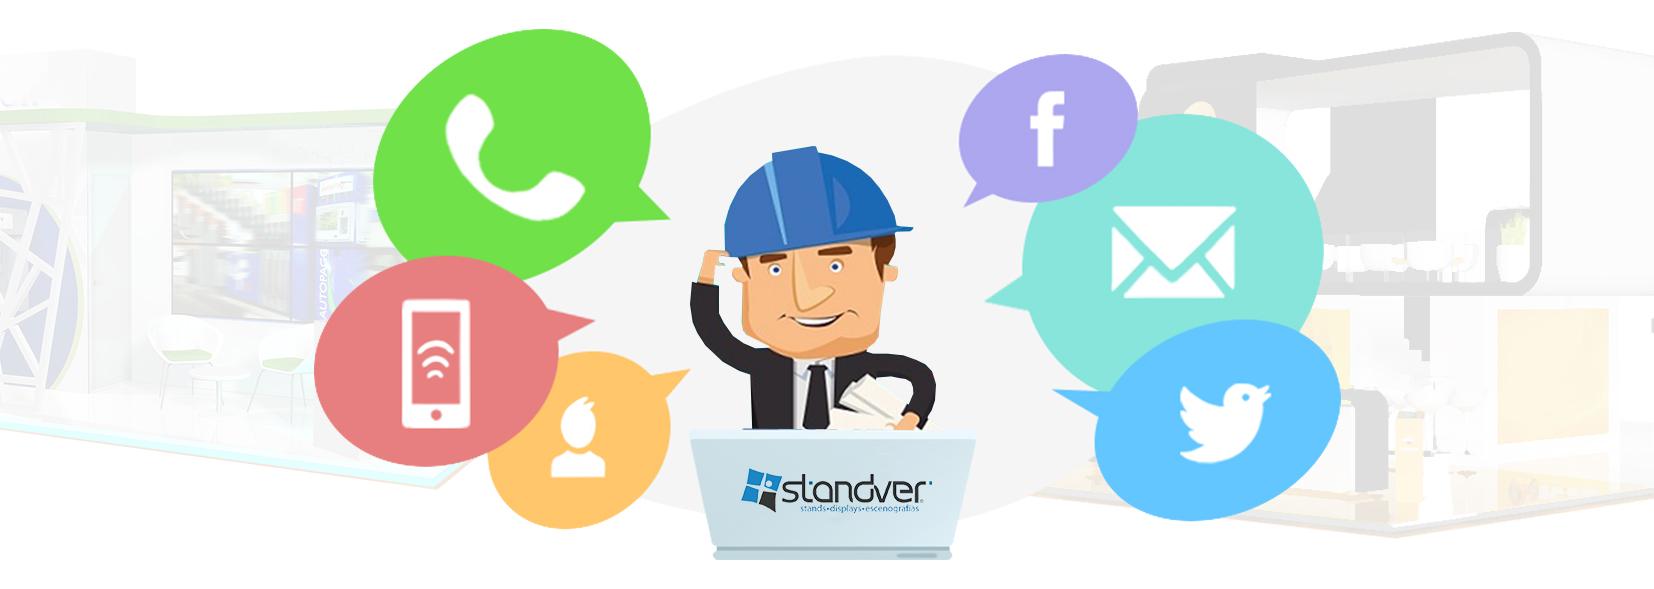 darwin-leon-standver-espacios corporativos y diseño